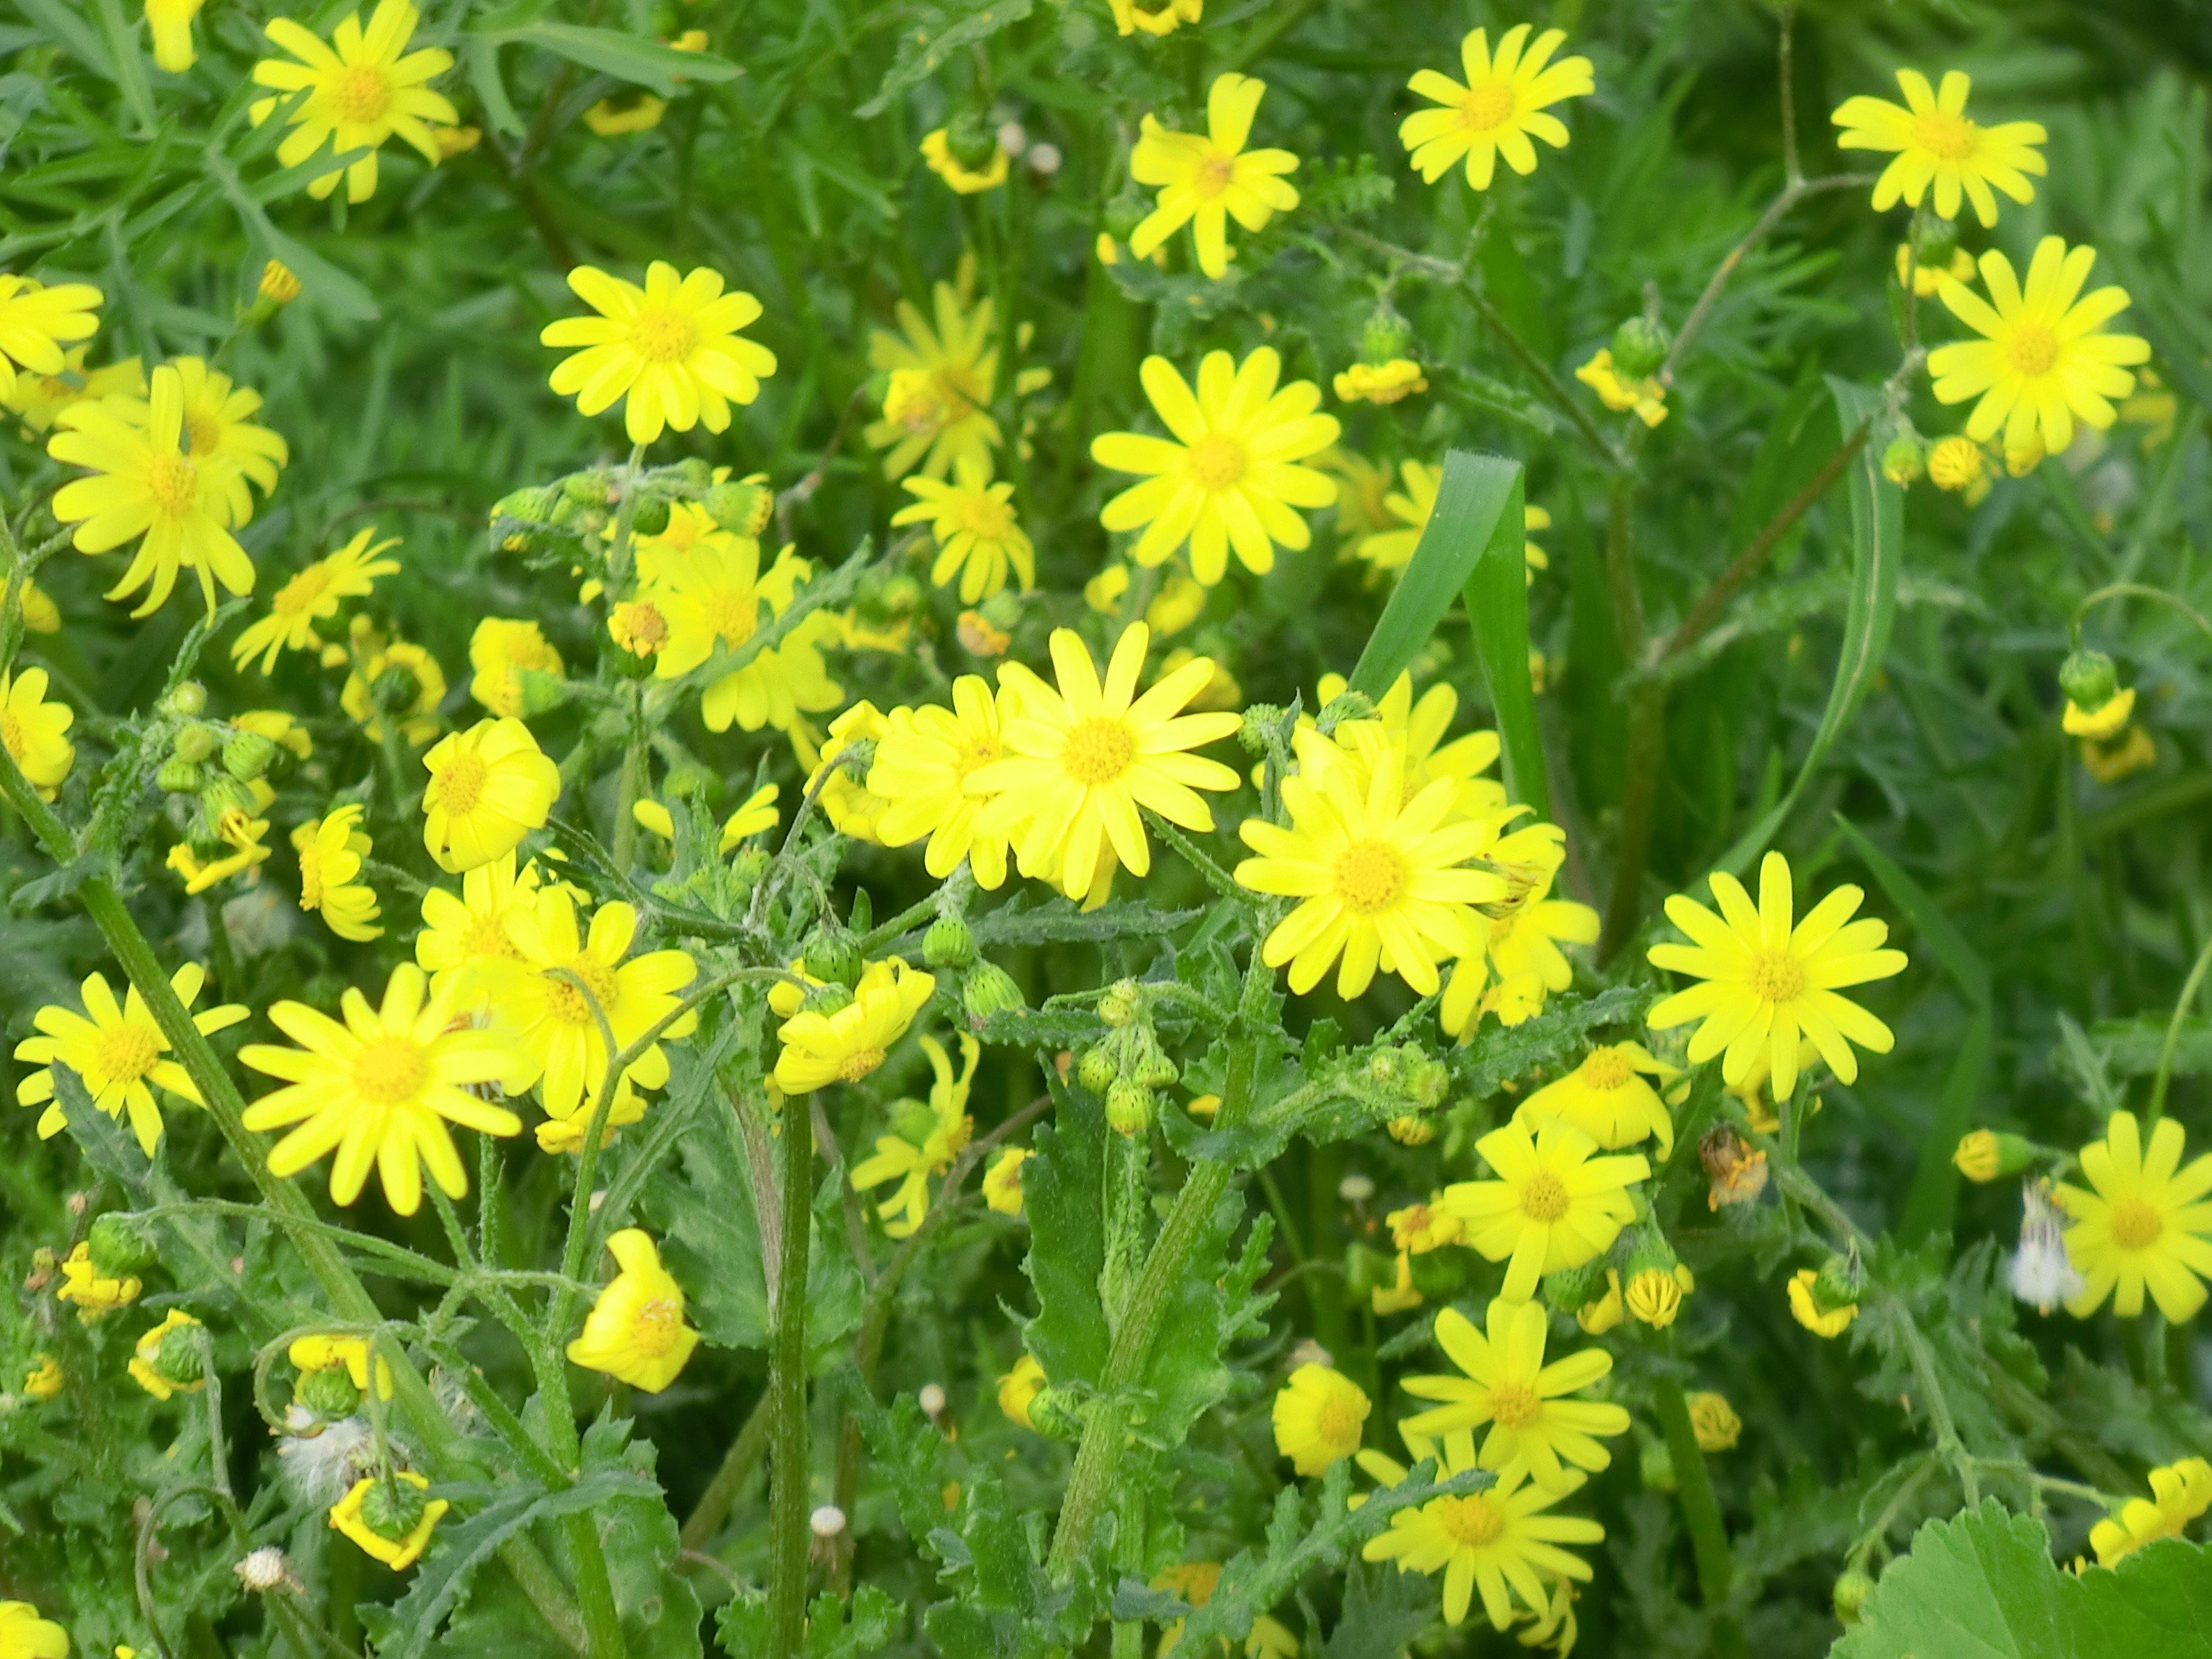 הגל הצהוב - בפריחה